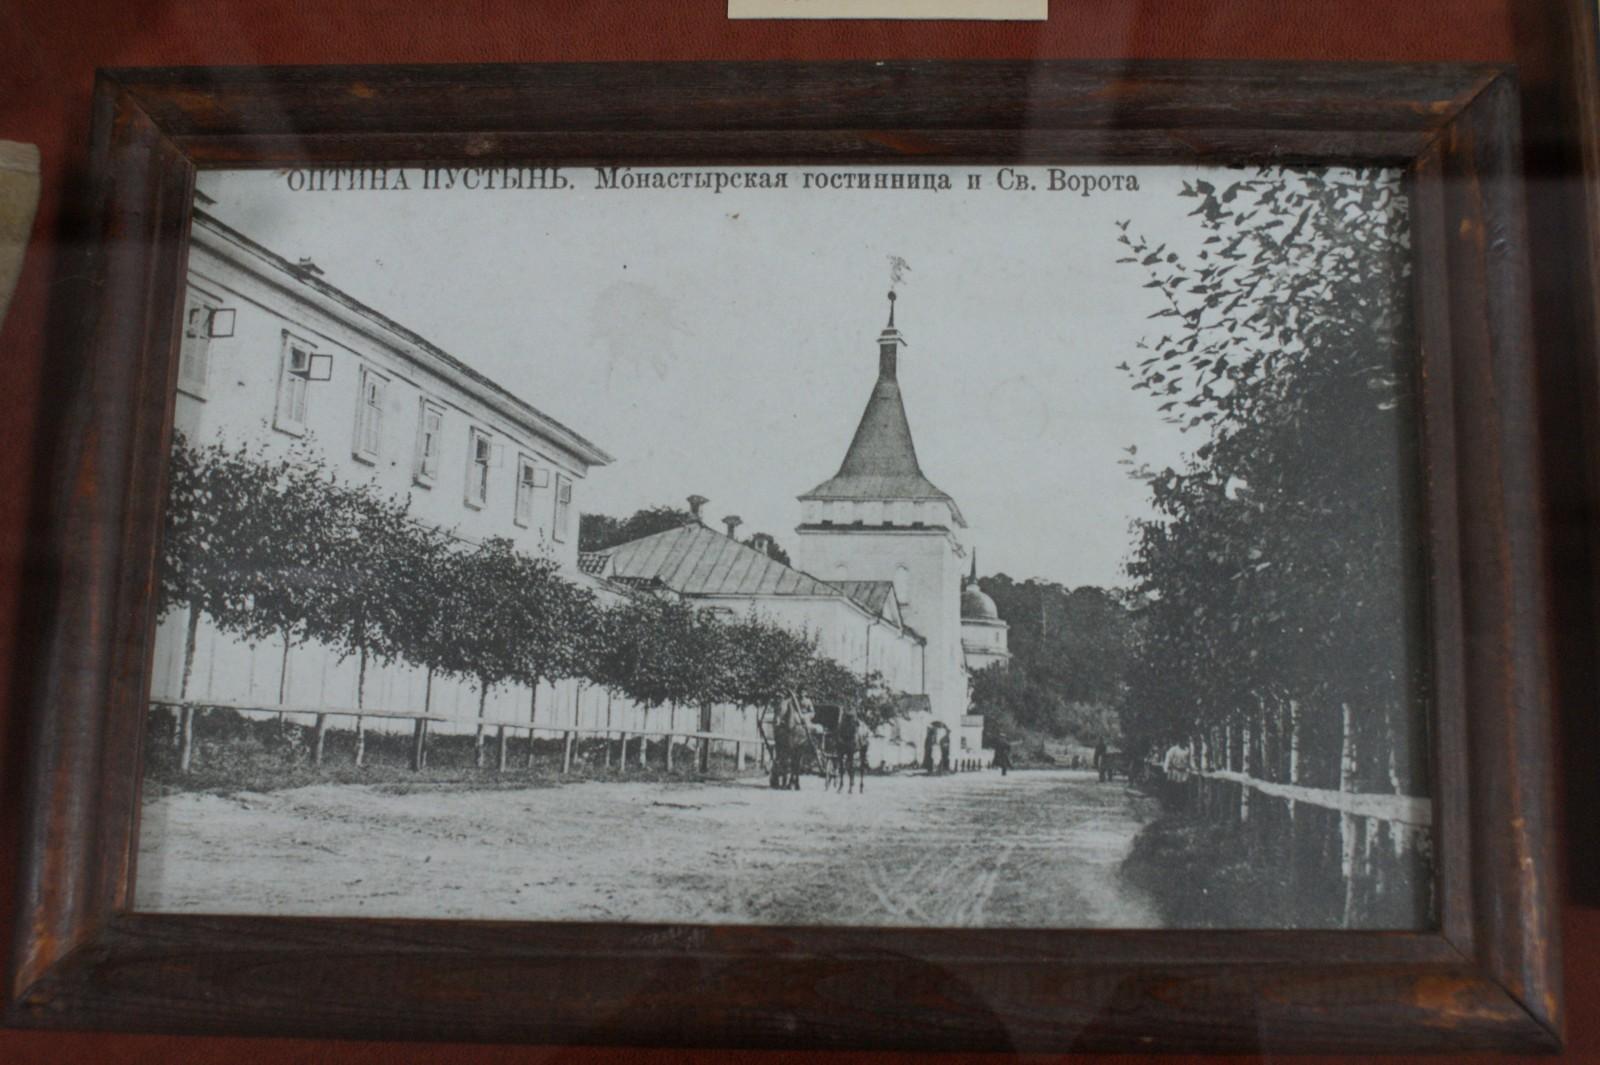 Монастырская гостиница. Оптина Пустынь